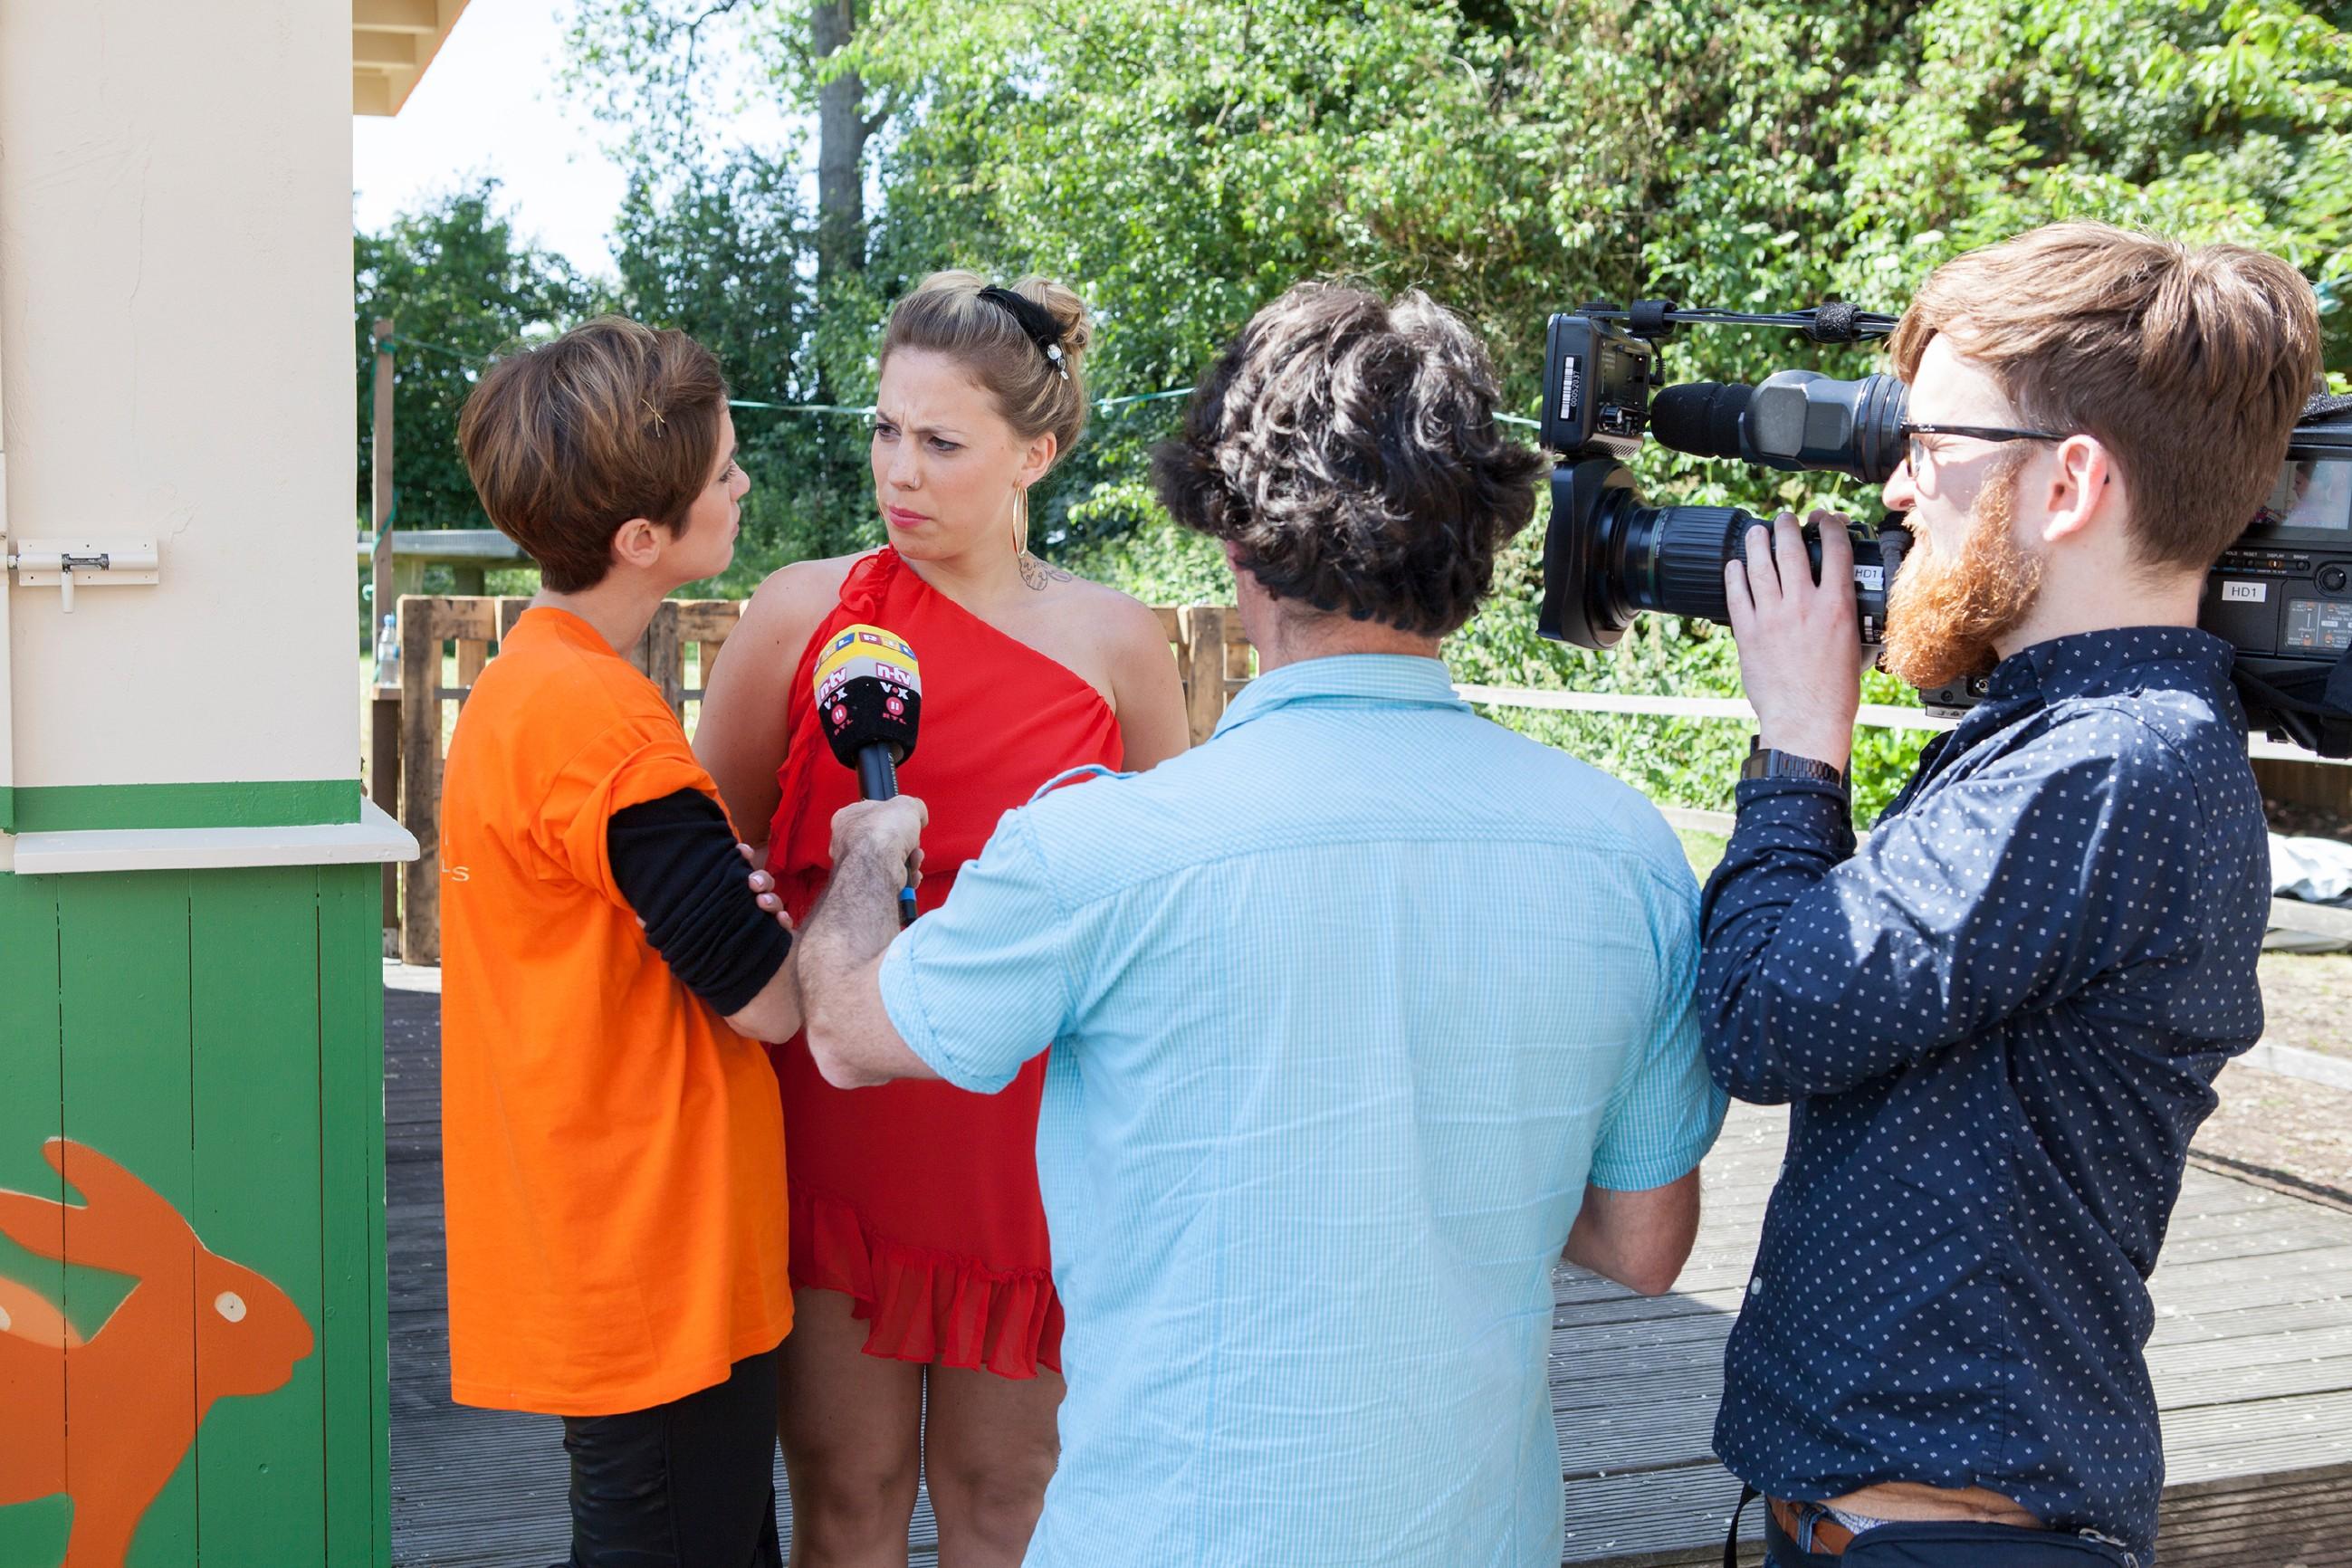 v.l.: Isabell Horn, Christina Klein und ein Kamerateam